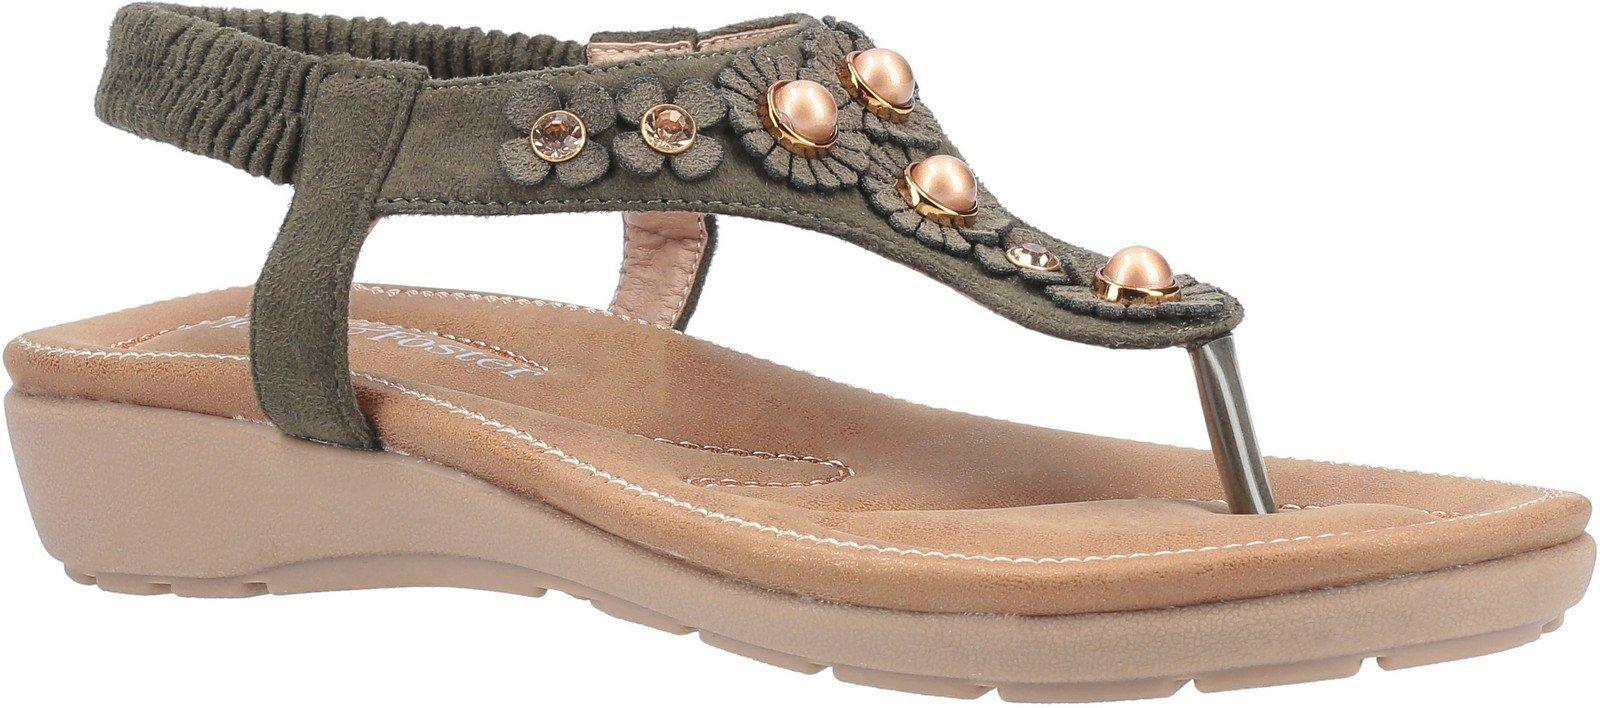 Fleet & Foster Women's Phoebe Slip On Sandal Various Colours 30100 - Khaki 3